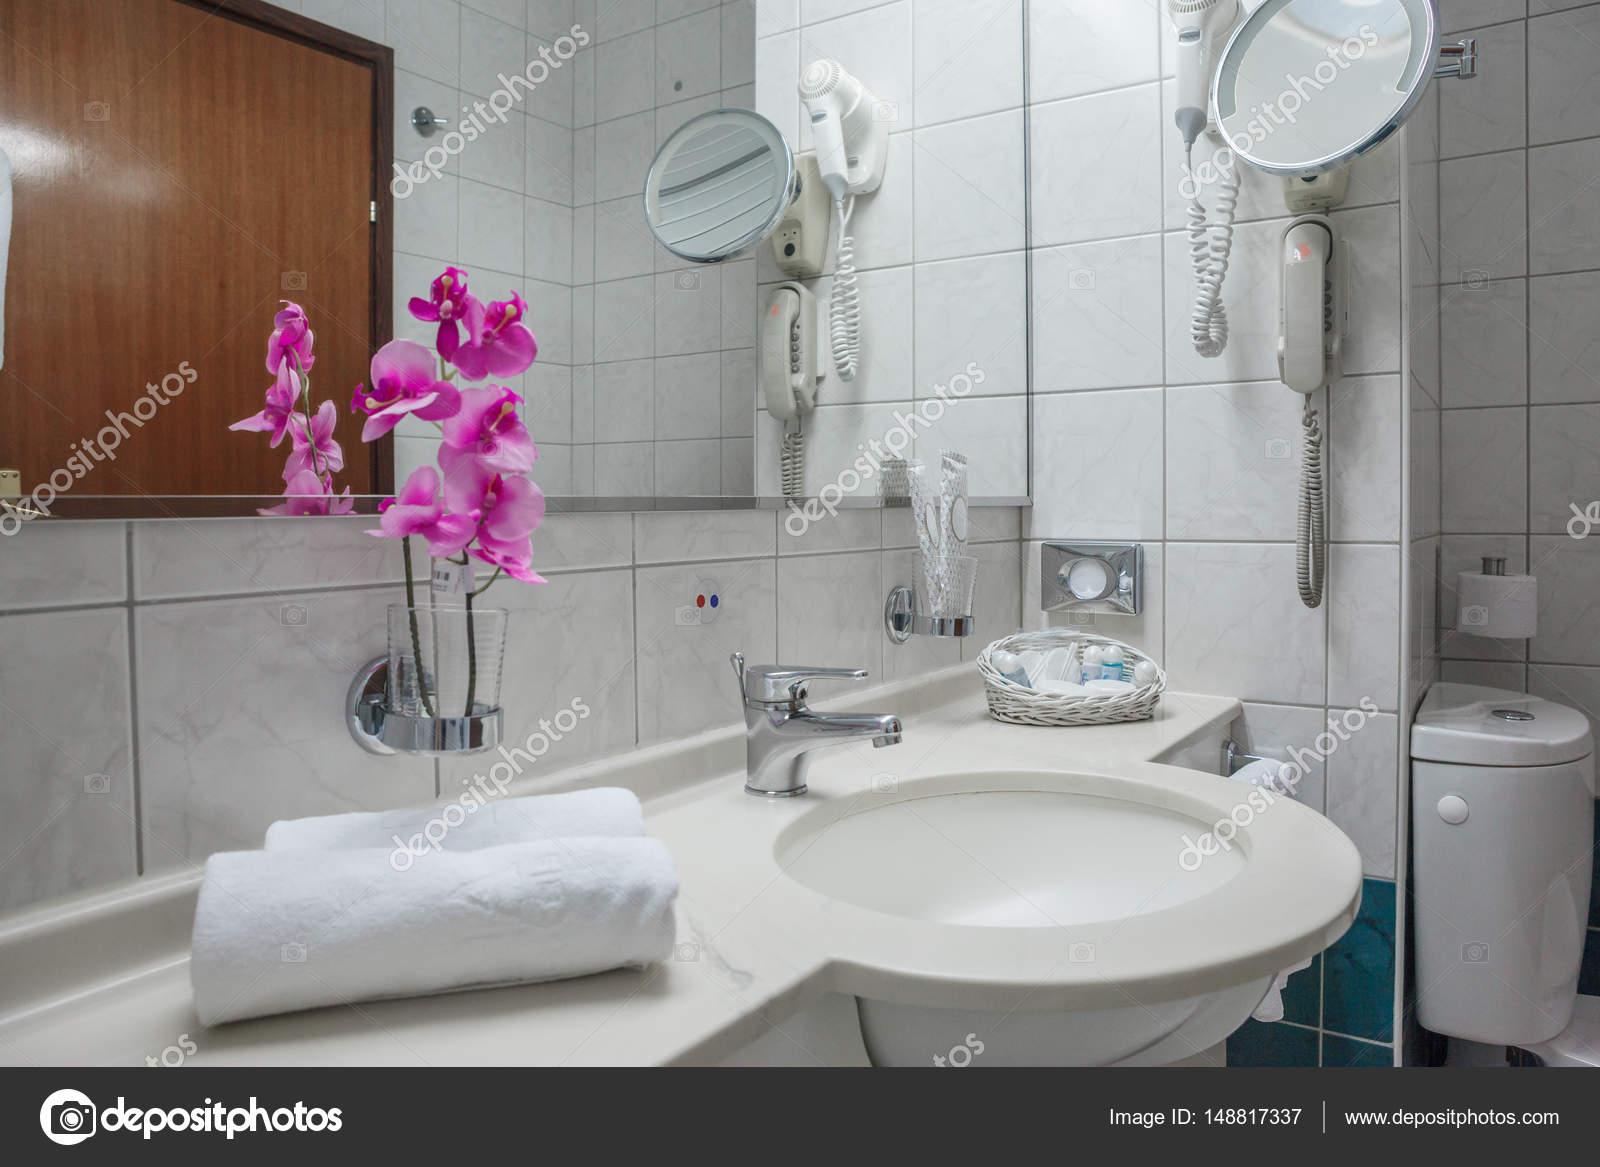 Schöne und moderne Innenarchitektur Bad mit rosa Orchideen ...